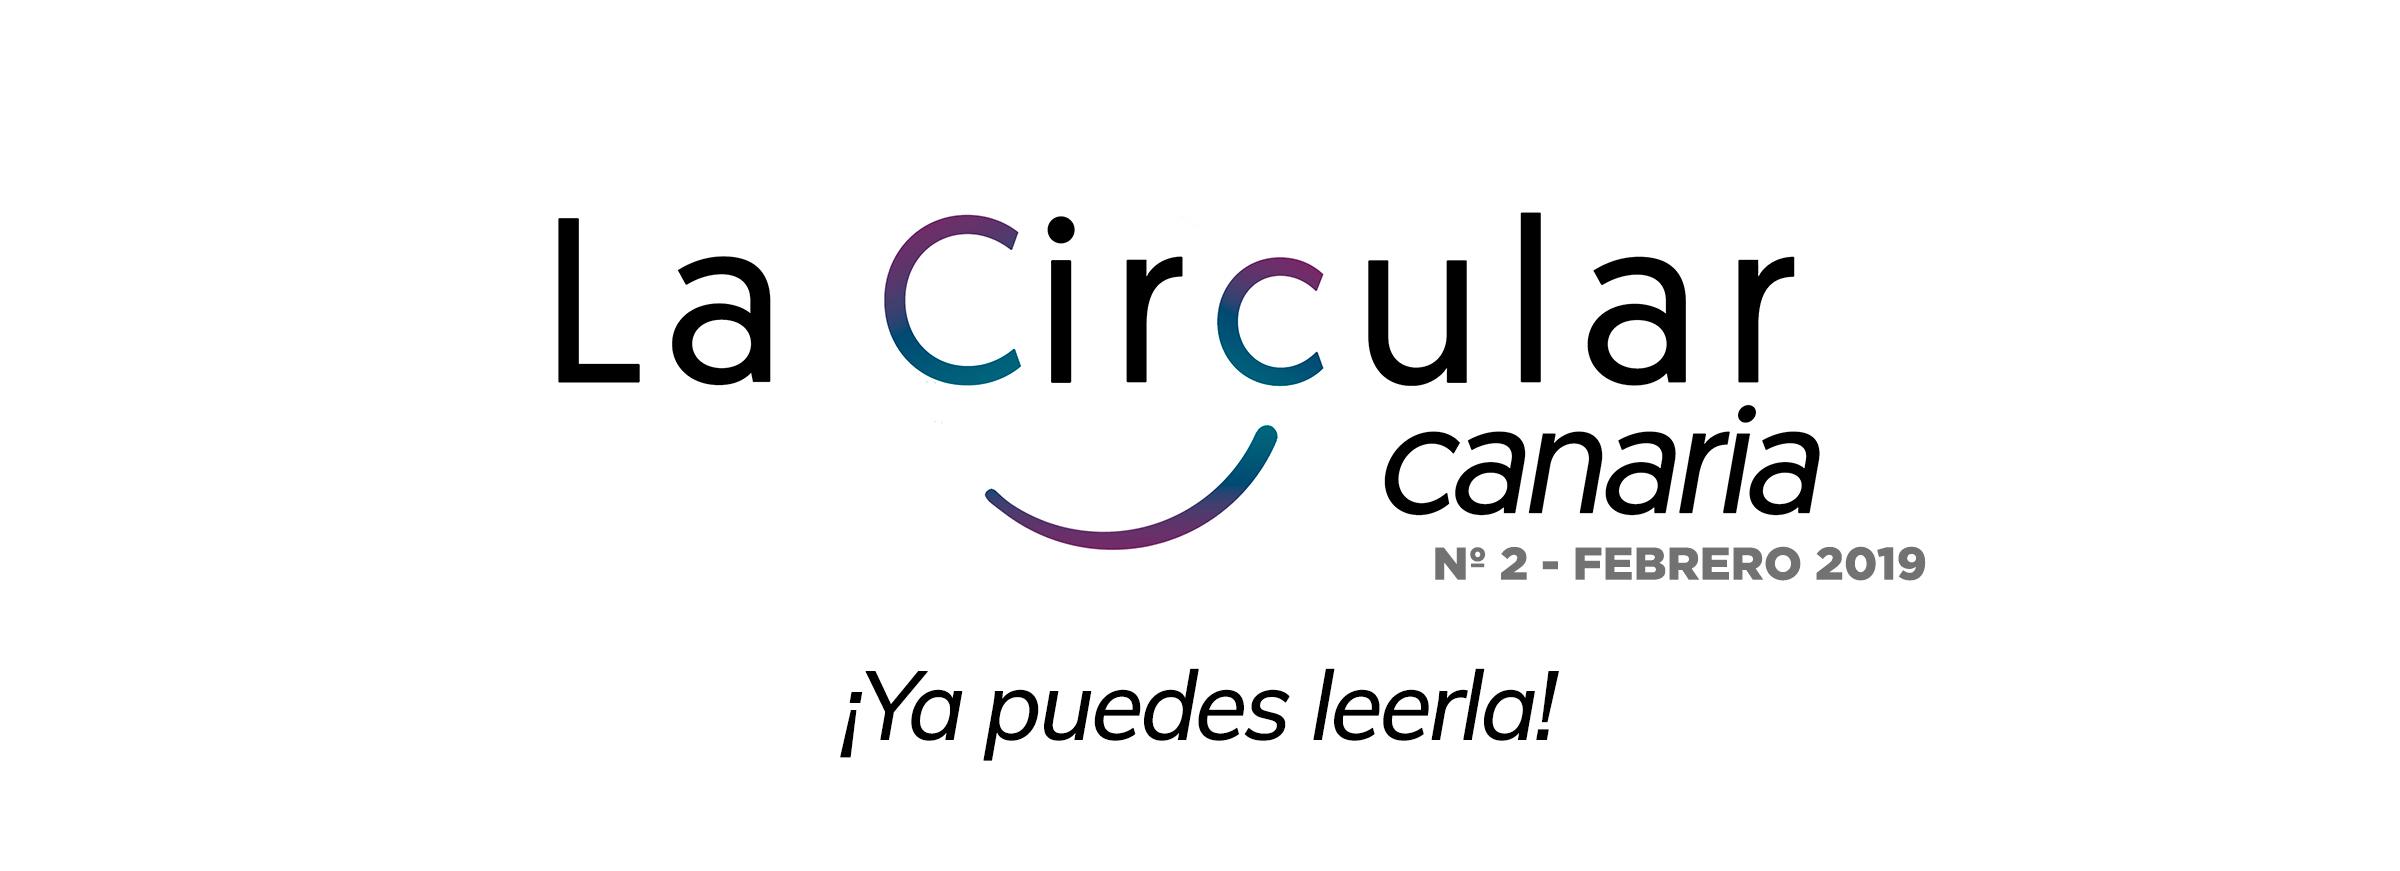 Haz clic para leer La Circular Canaria